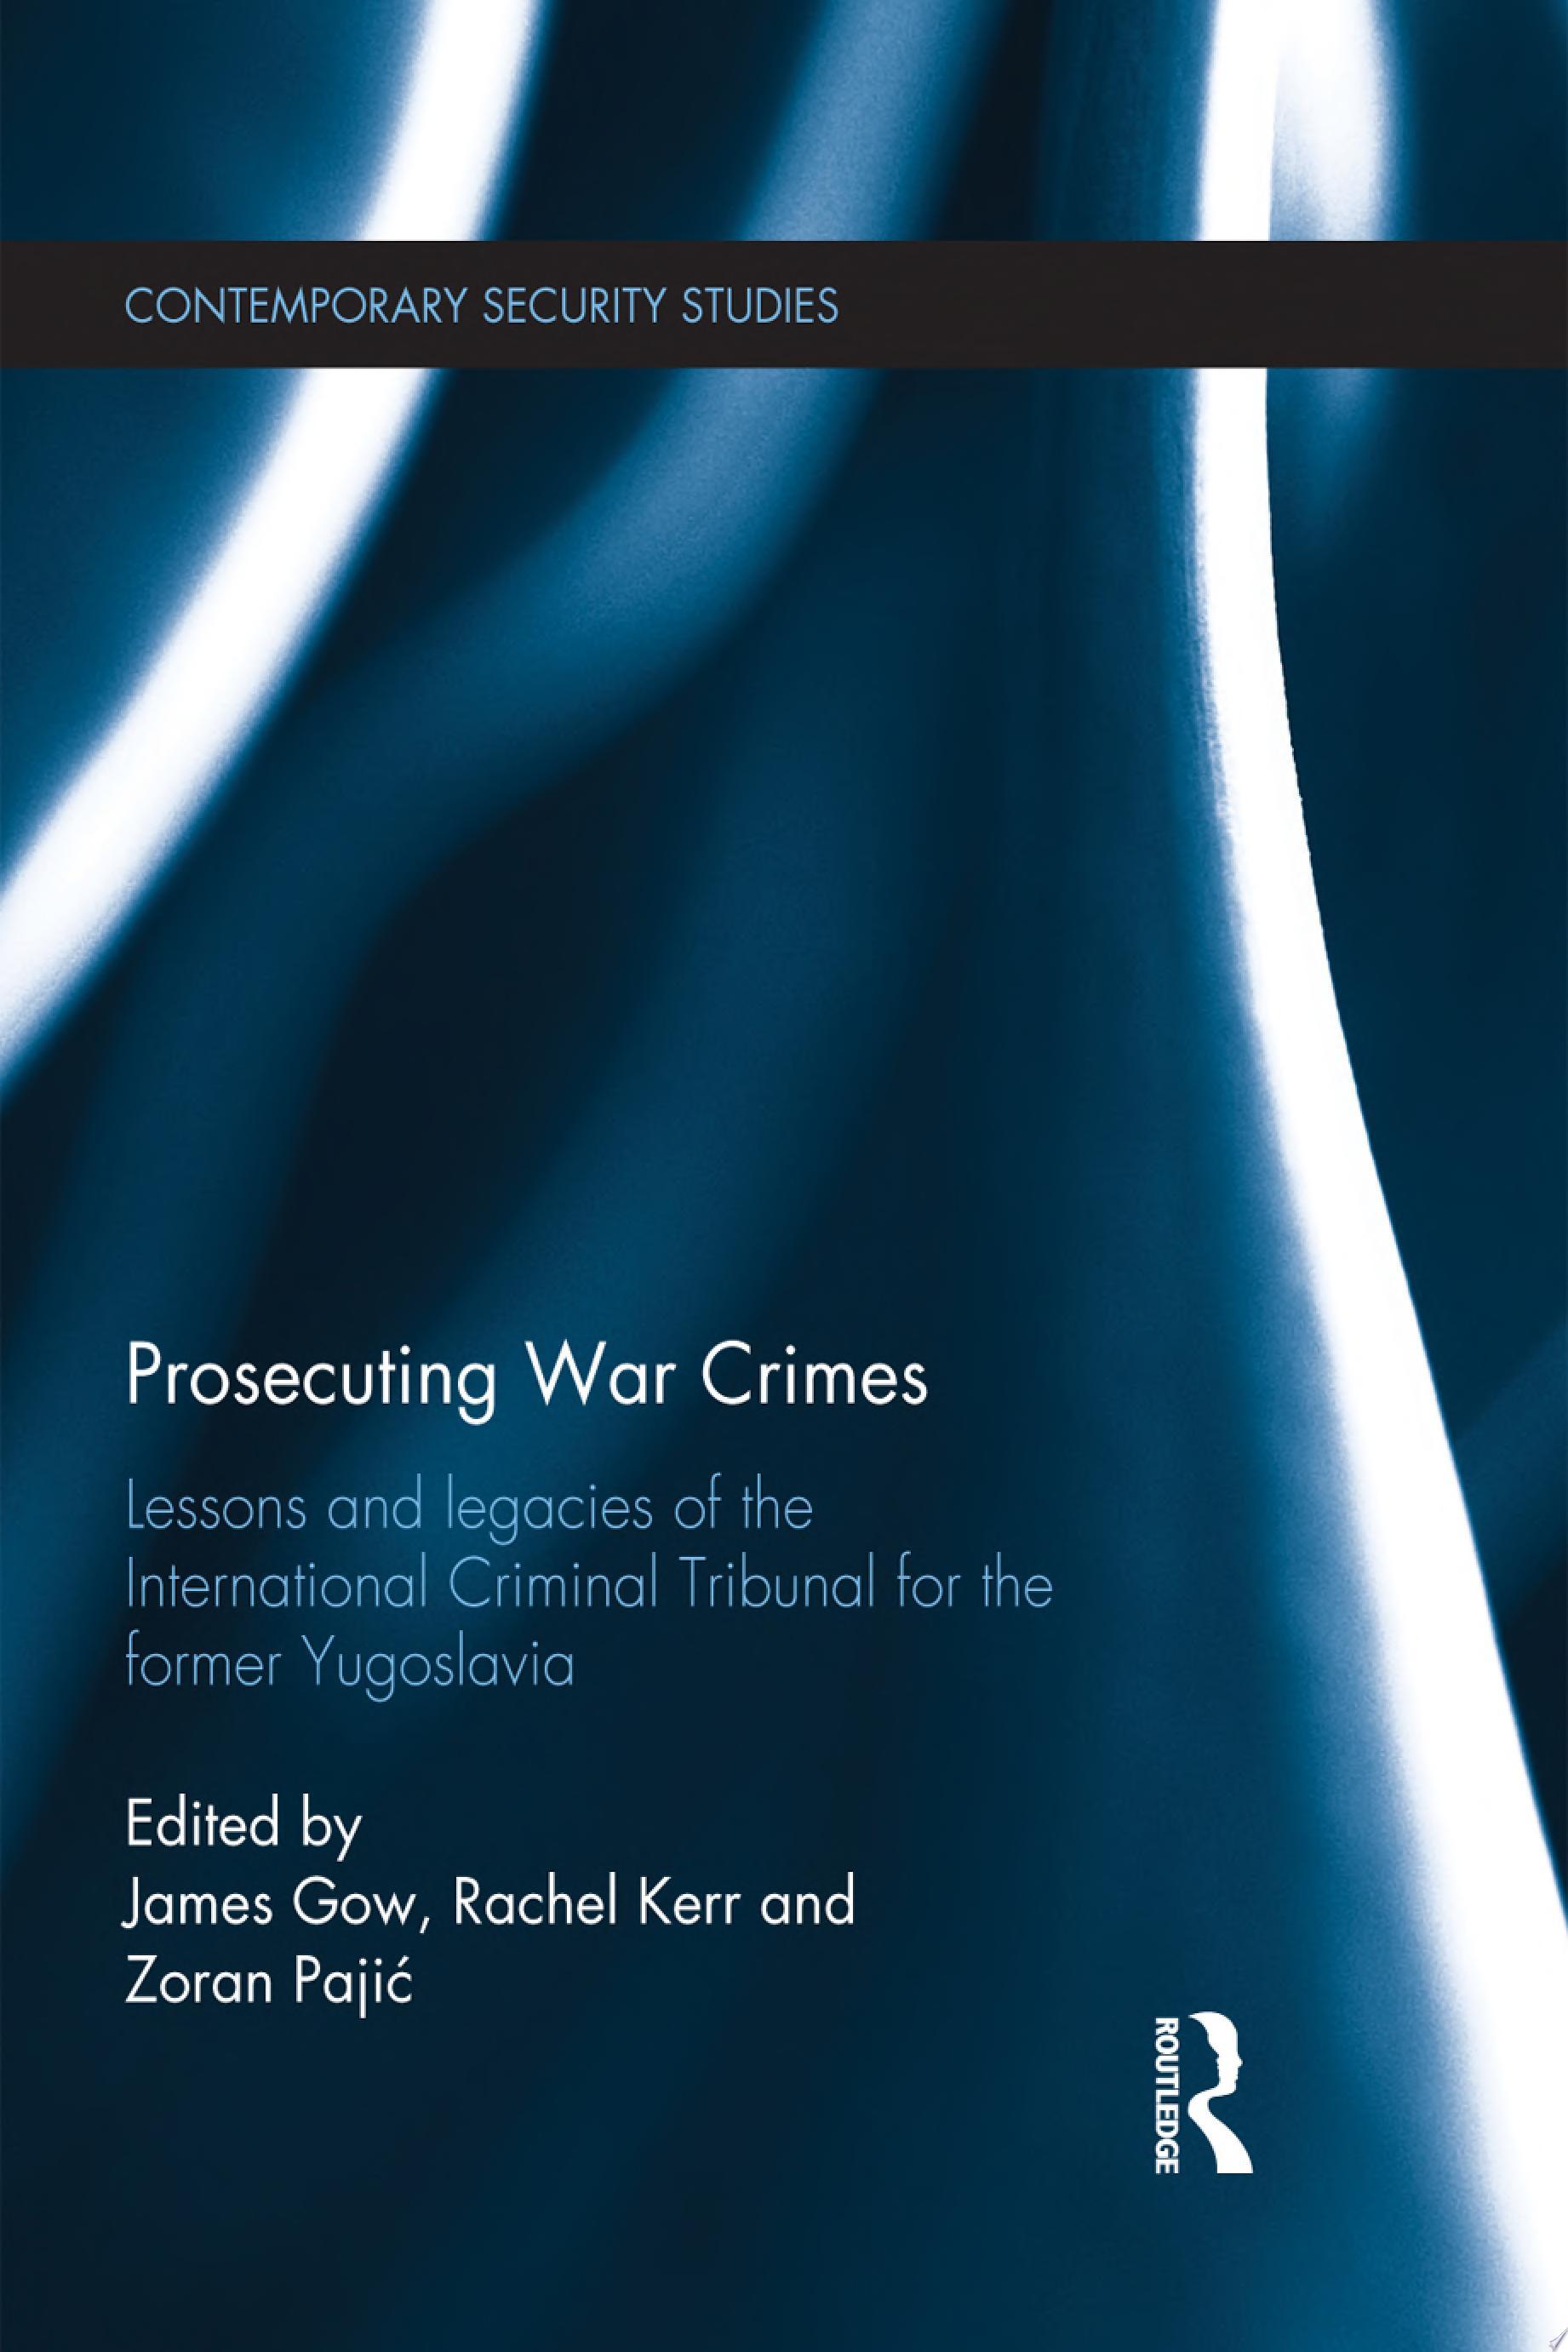 Prosecuting War Crimes